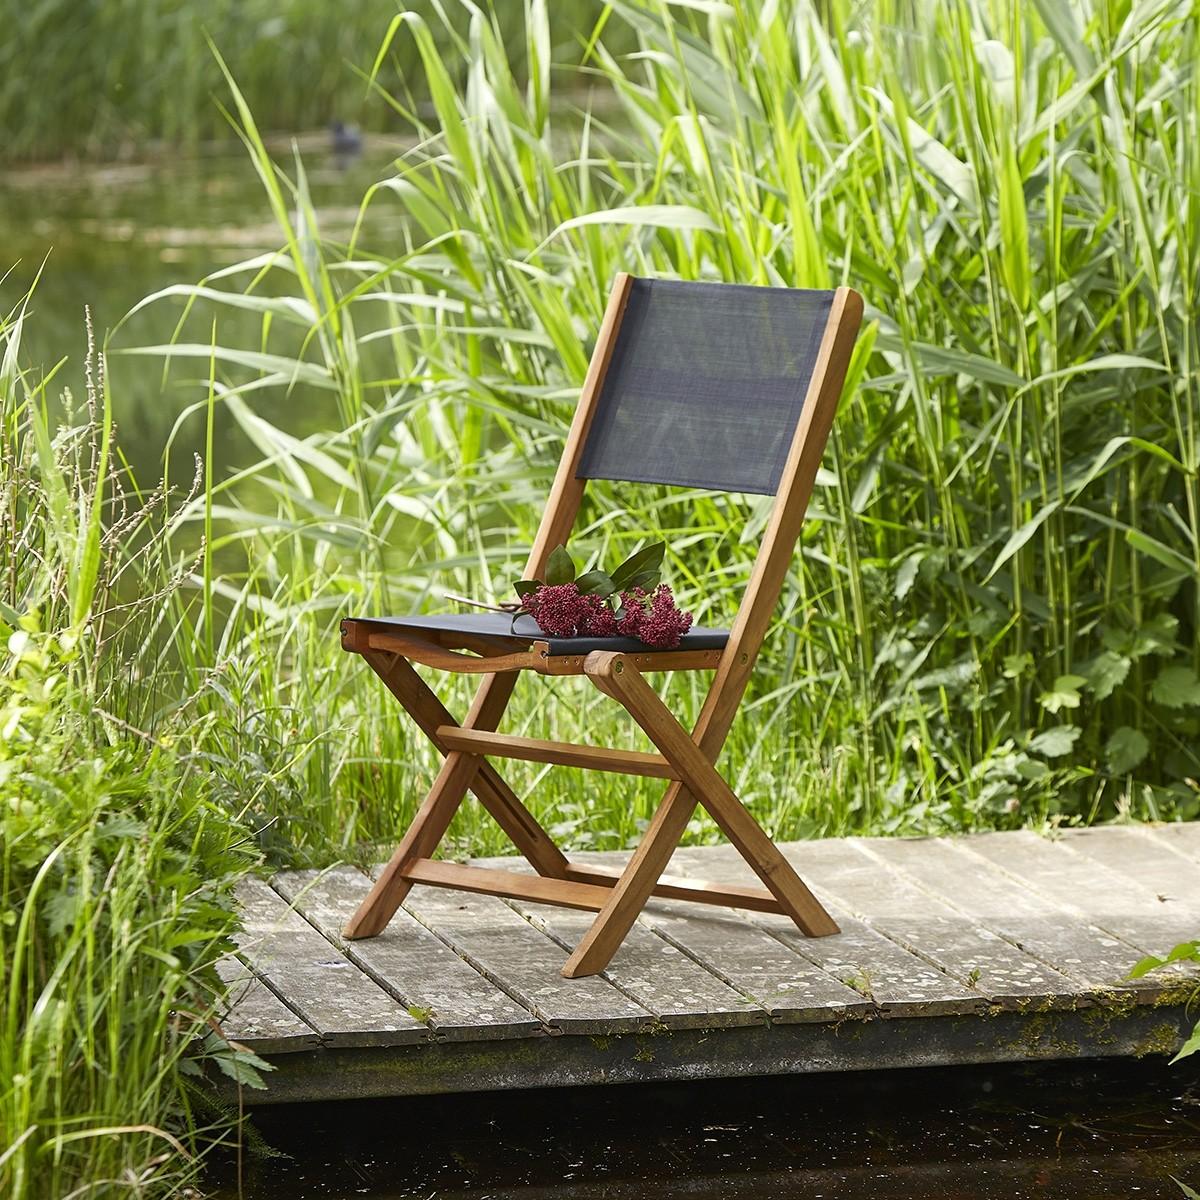 salon de jardin en bois d 39 acacia fsc extensible 6 8 places. Black Bedroom Furniture Sets. Home Design Ideas